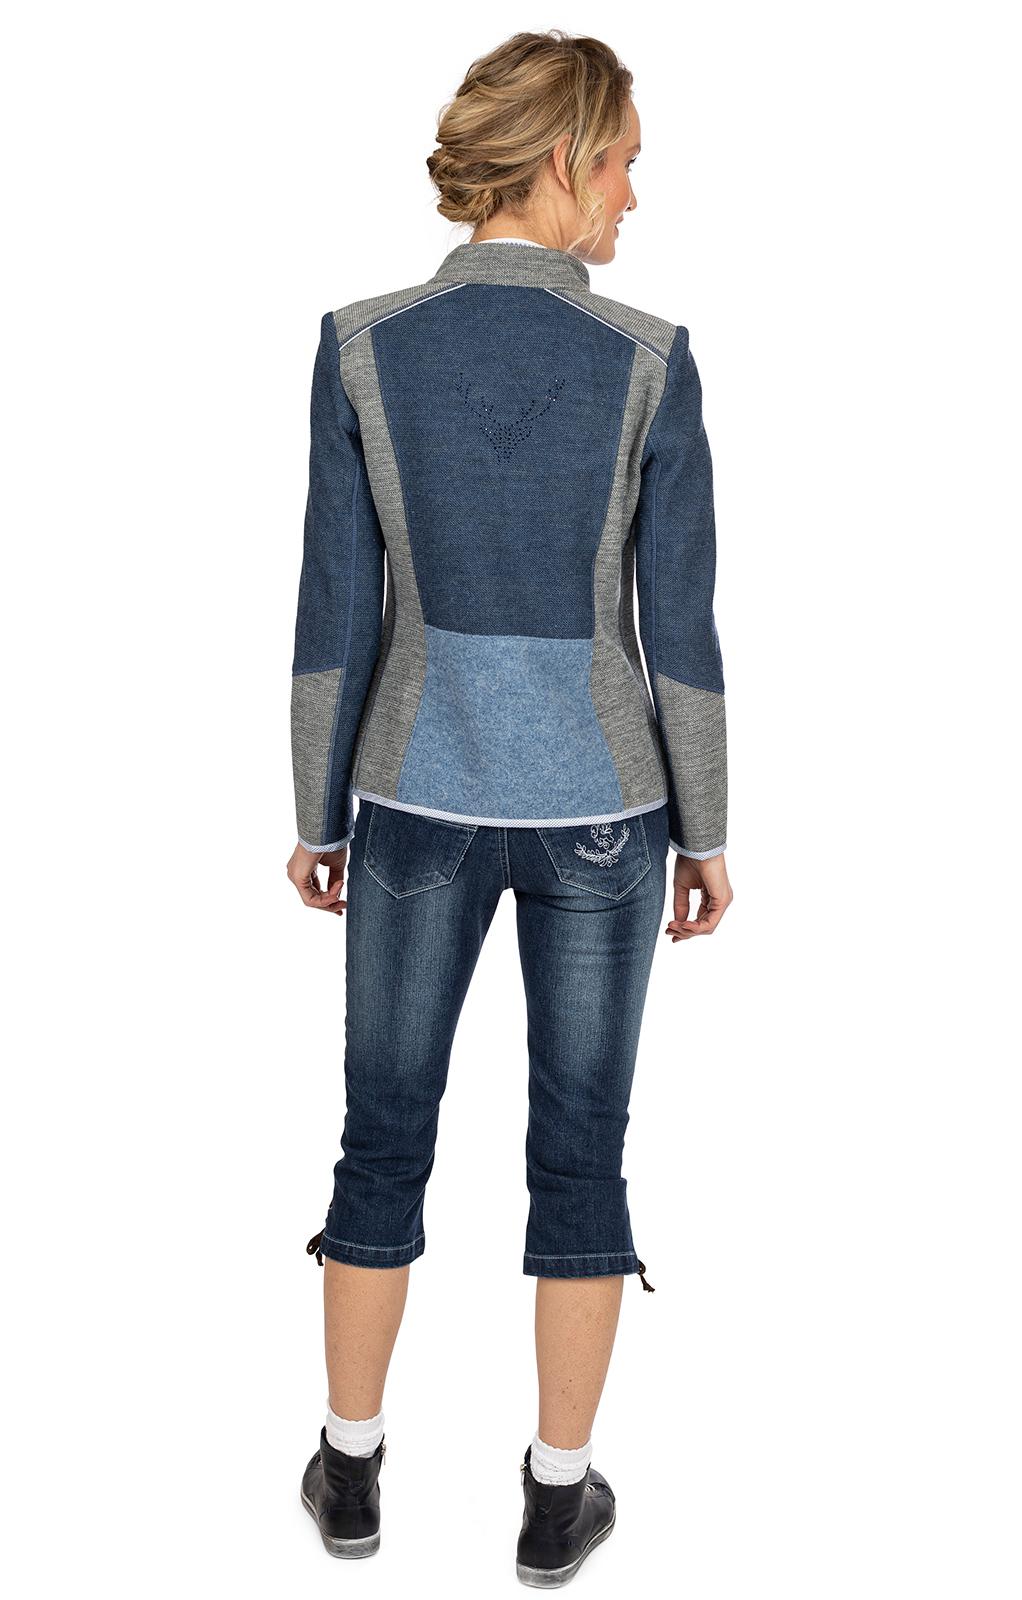 weitere Bilder von Jacke NEDLITZ jeansblau grau